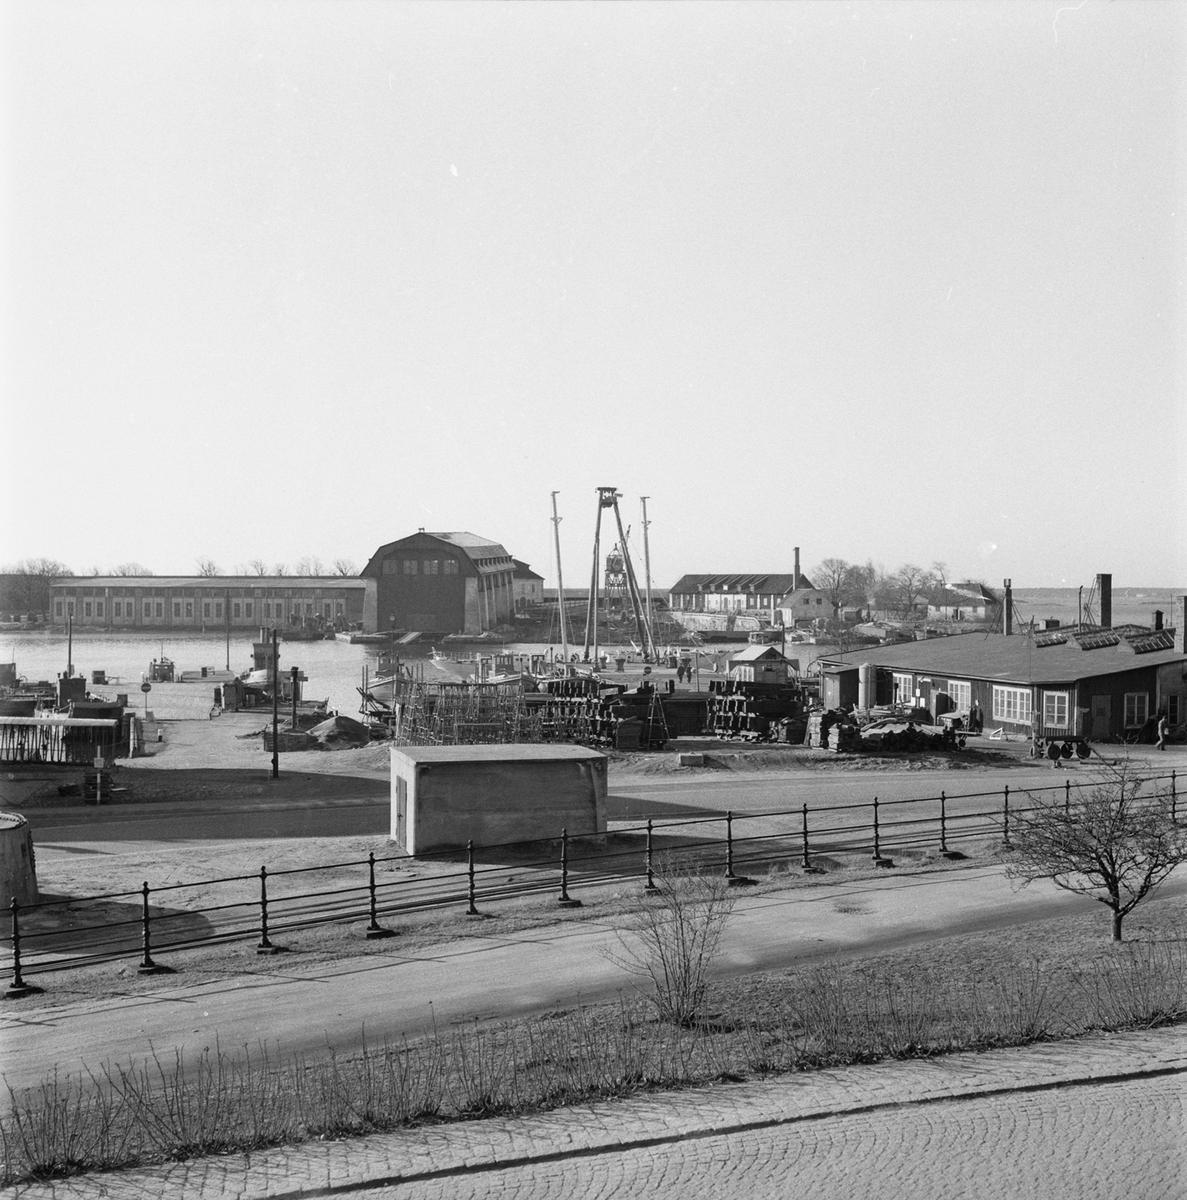 Övrigt: Fotodatum:10/4 1963. Byggnader och Kranar. Kasern Ankarstierna vy mot Wasaskjulet.